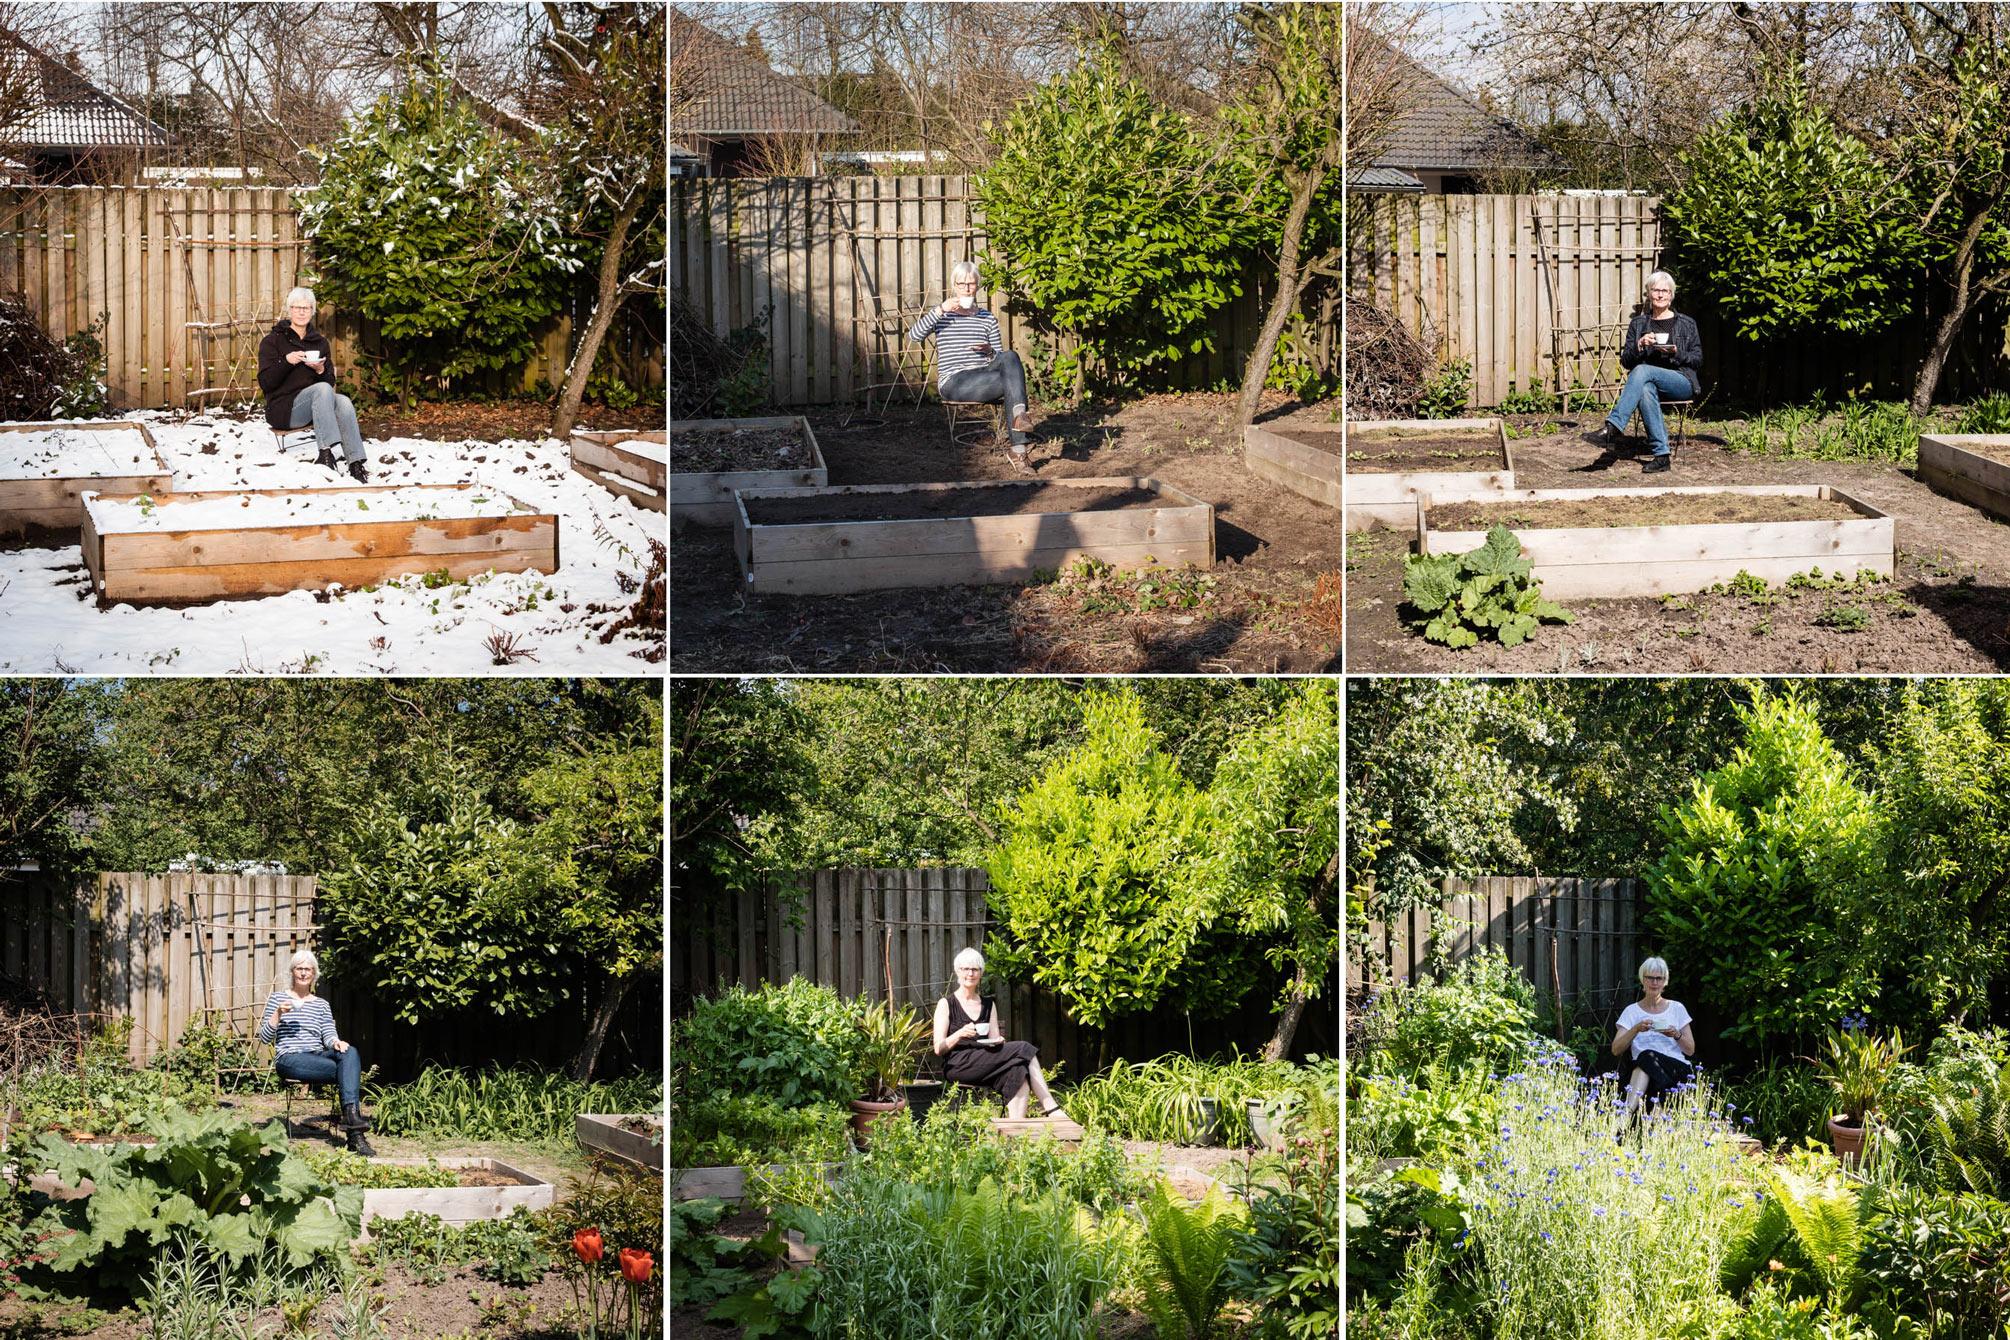 Mein Gartenjahr 2019 - Teil 1